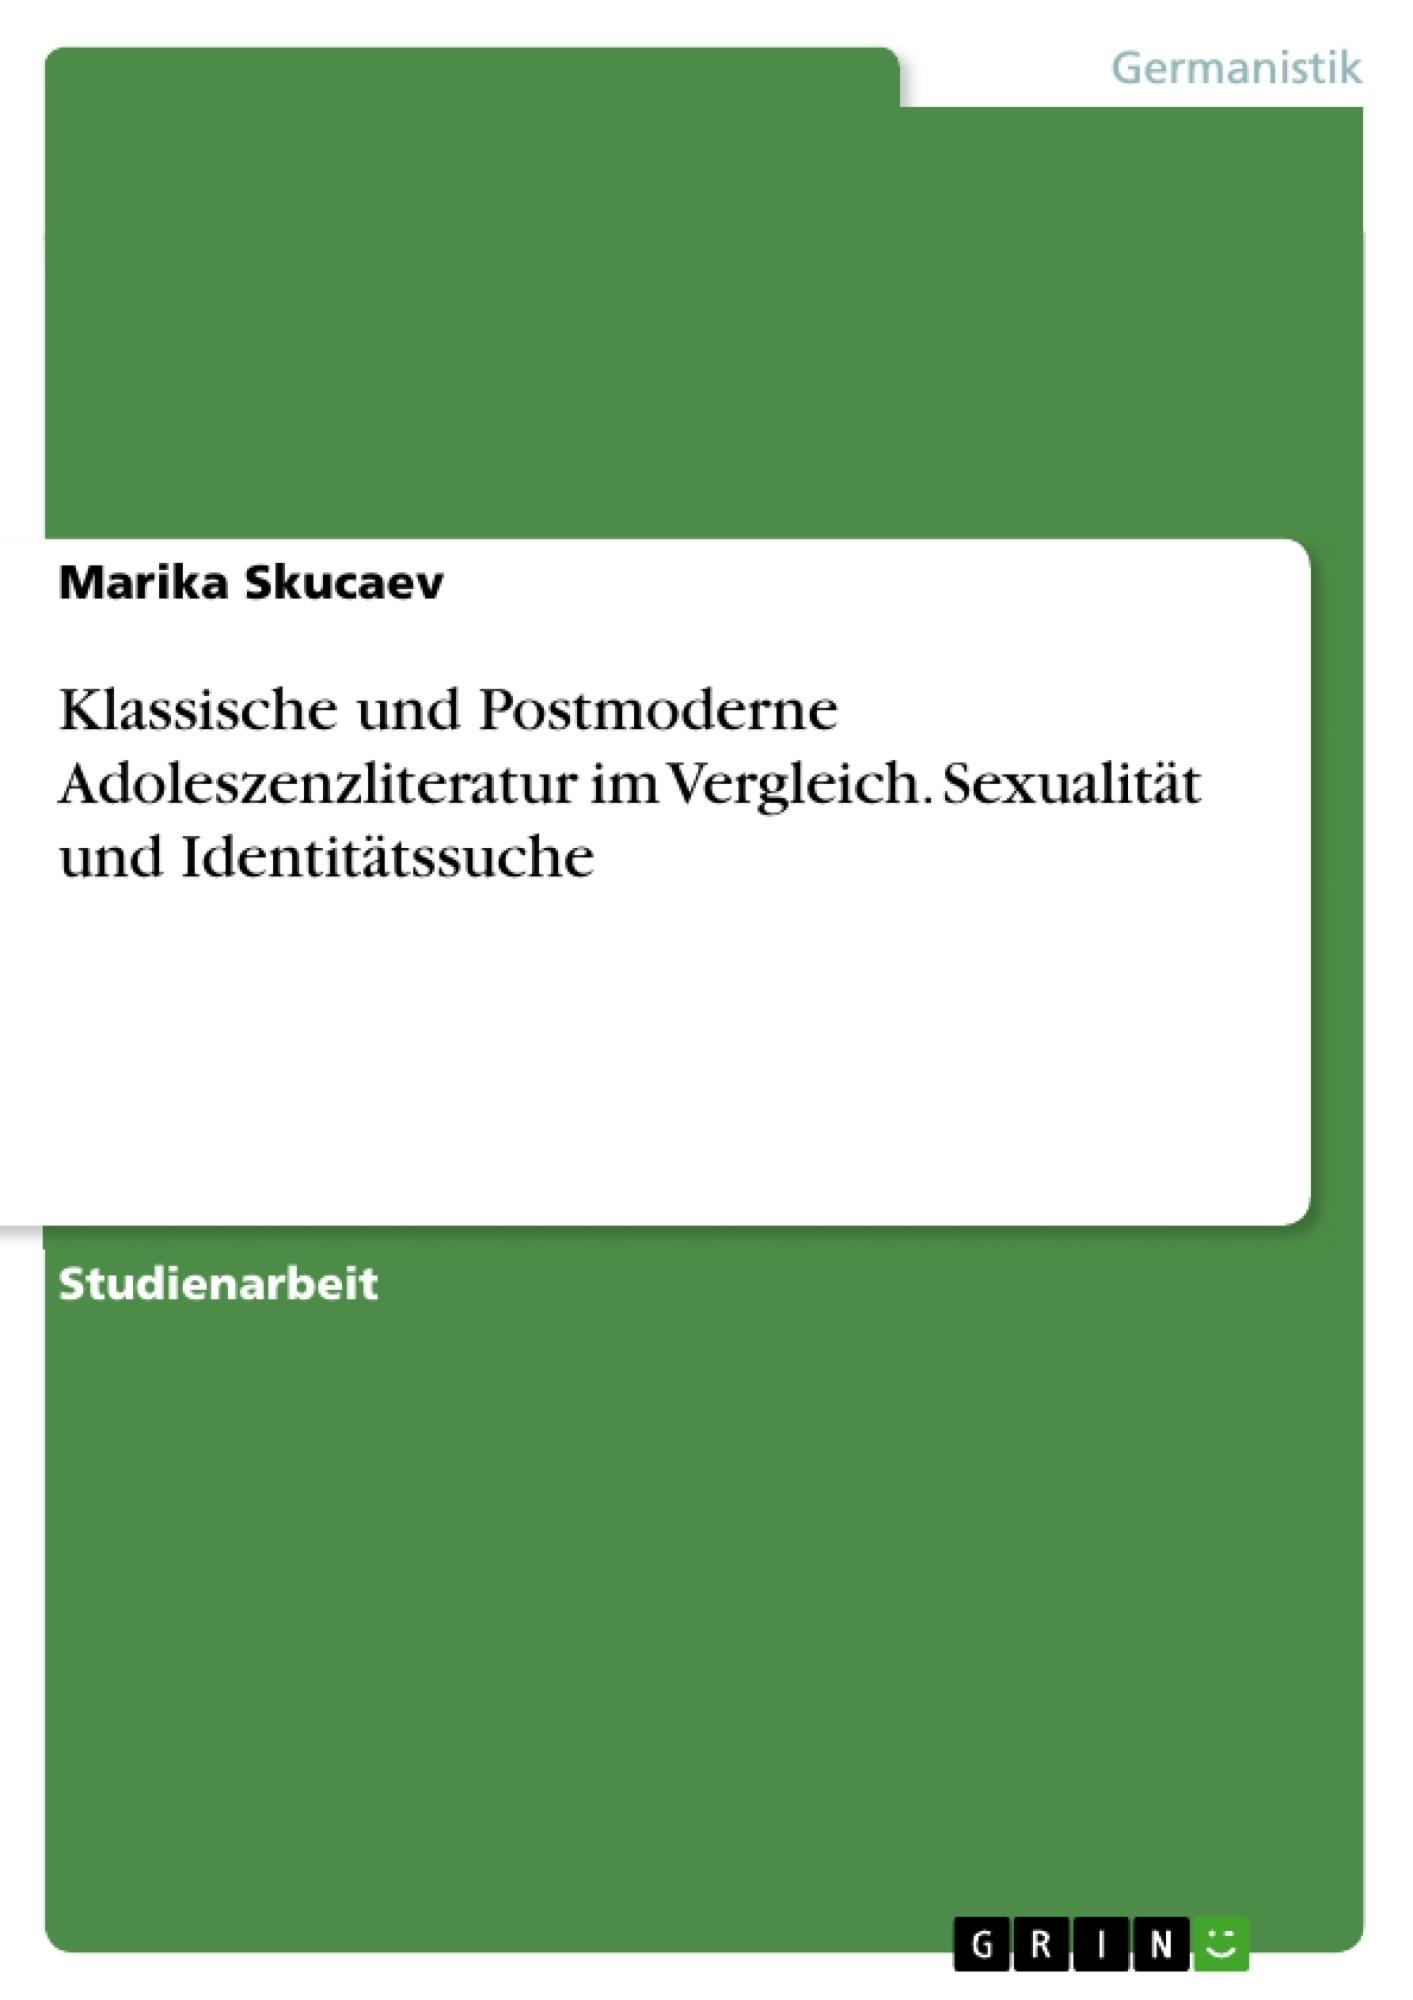 Titel: Klassische und Postmoderne Adoleszenzliteratur im Vergleich. Sexualität und Identitätssuche